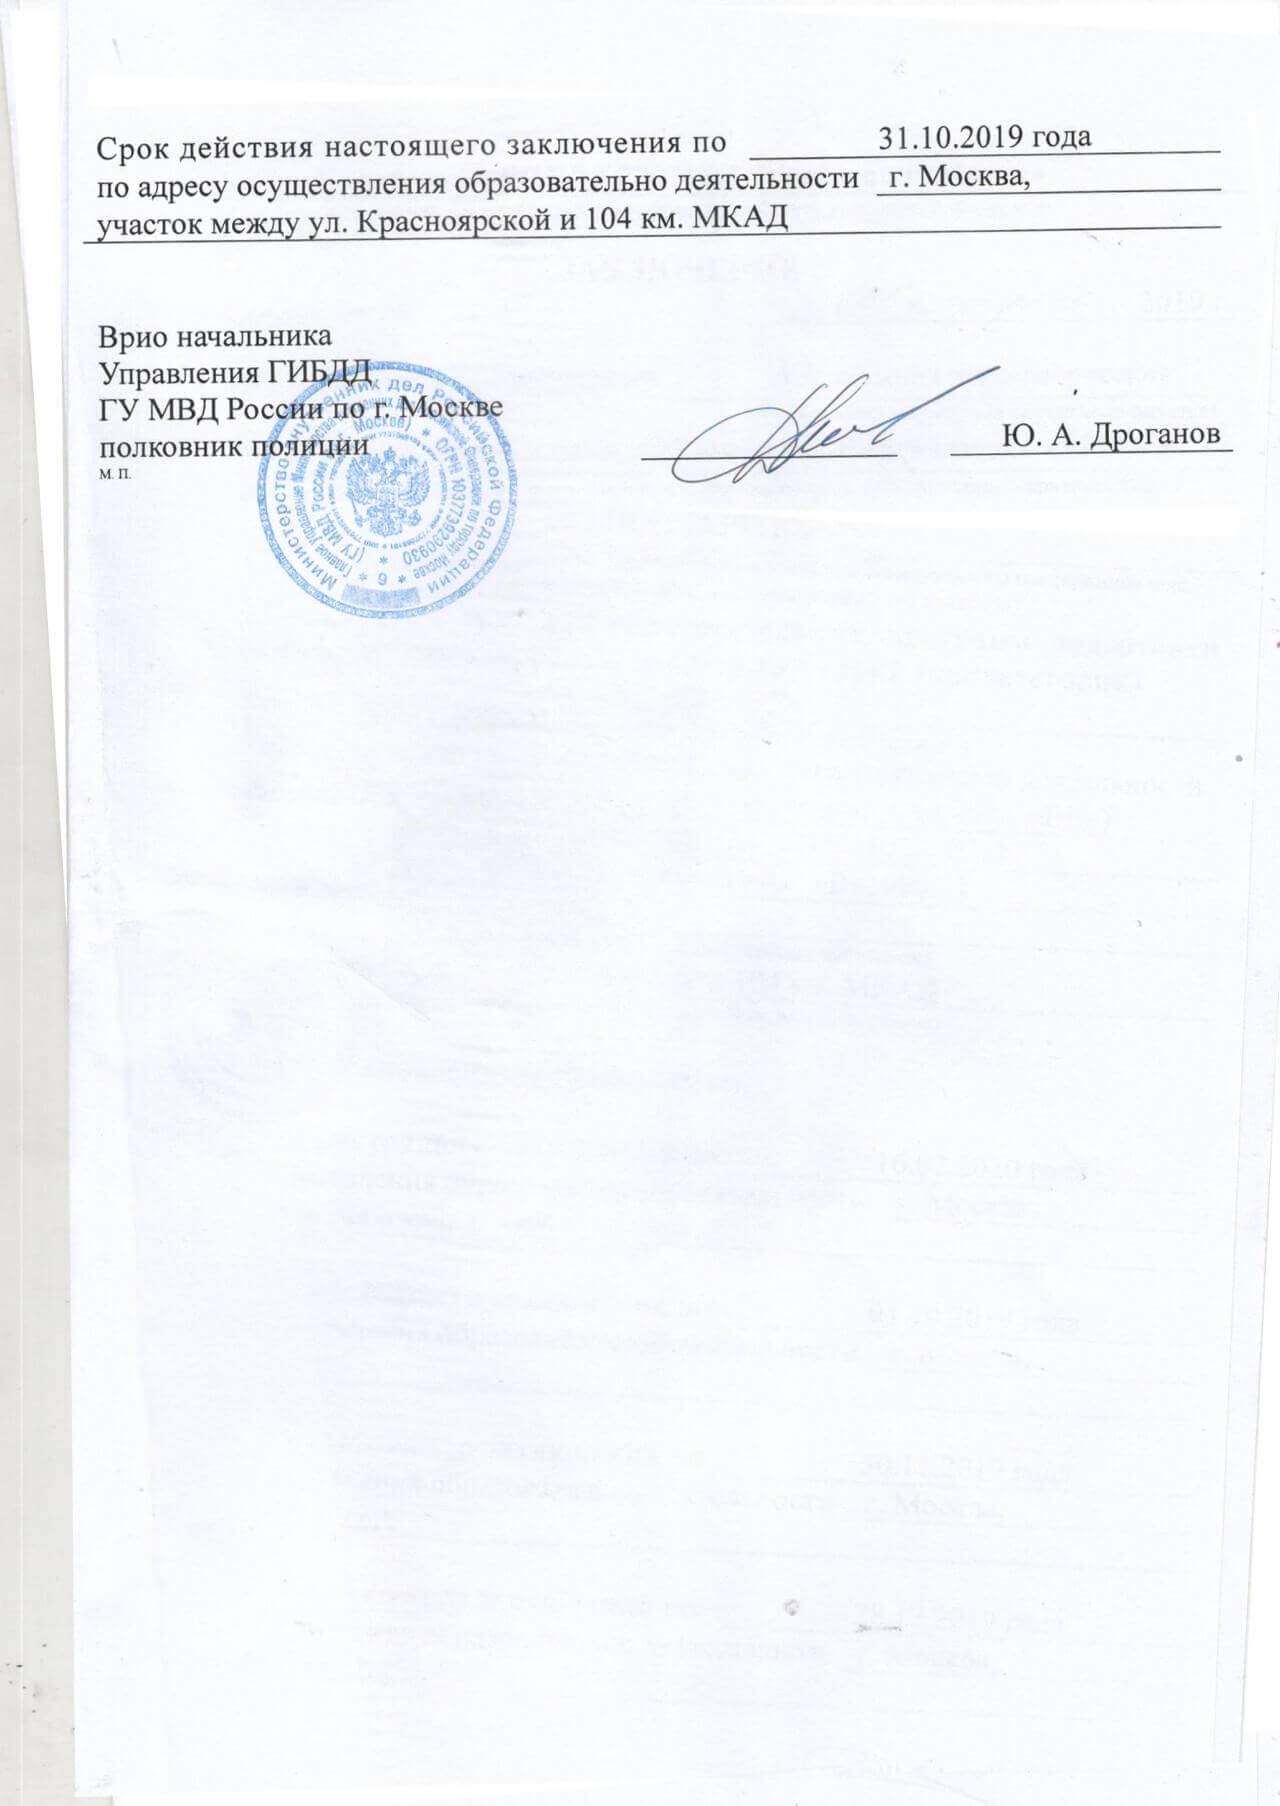 Заключение о соответствии автошколы установленным требованиям ГИБДД